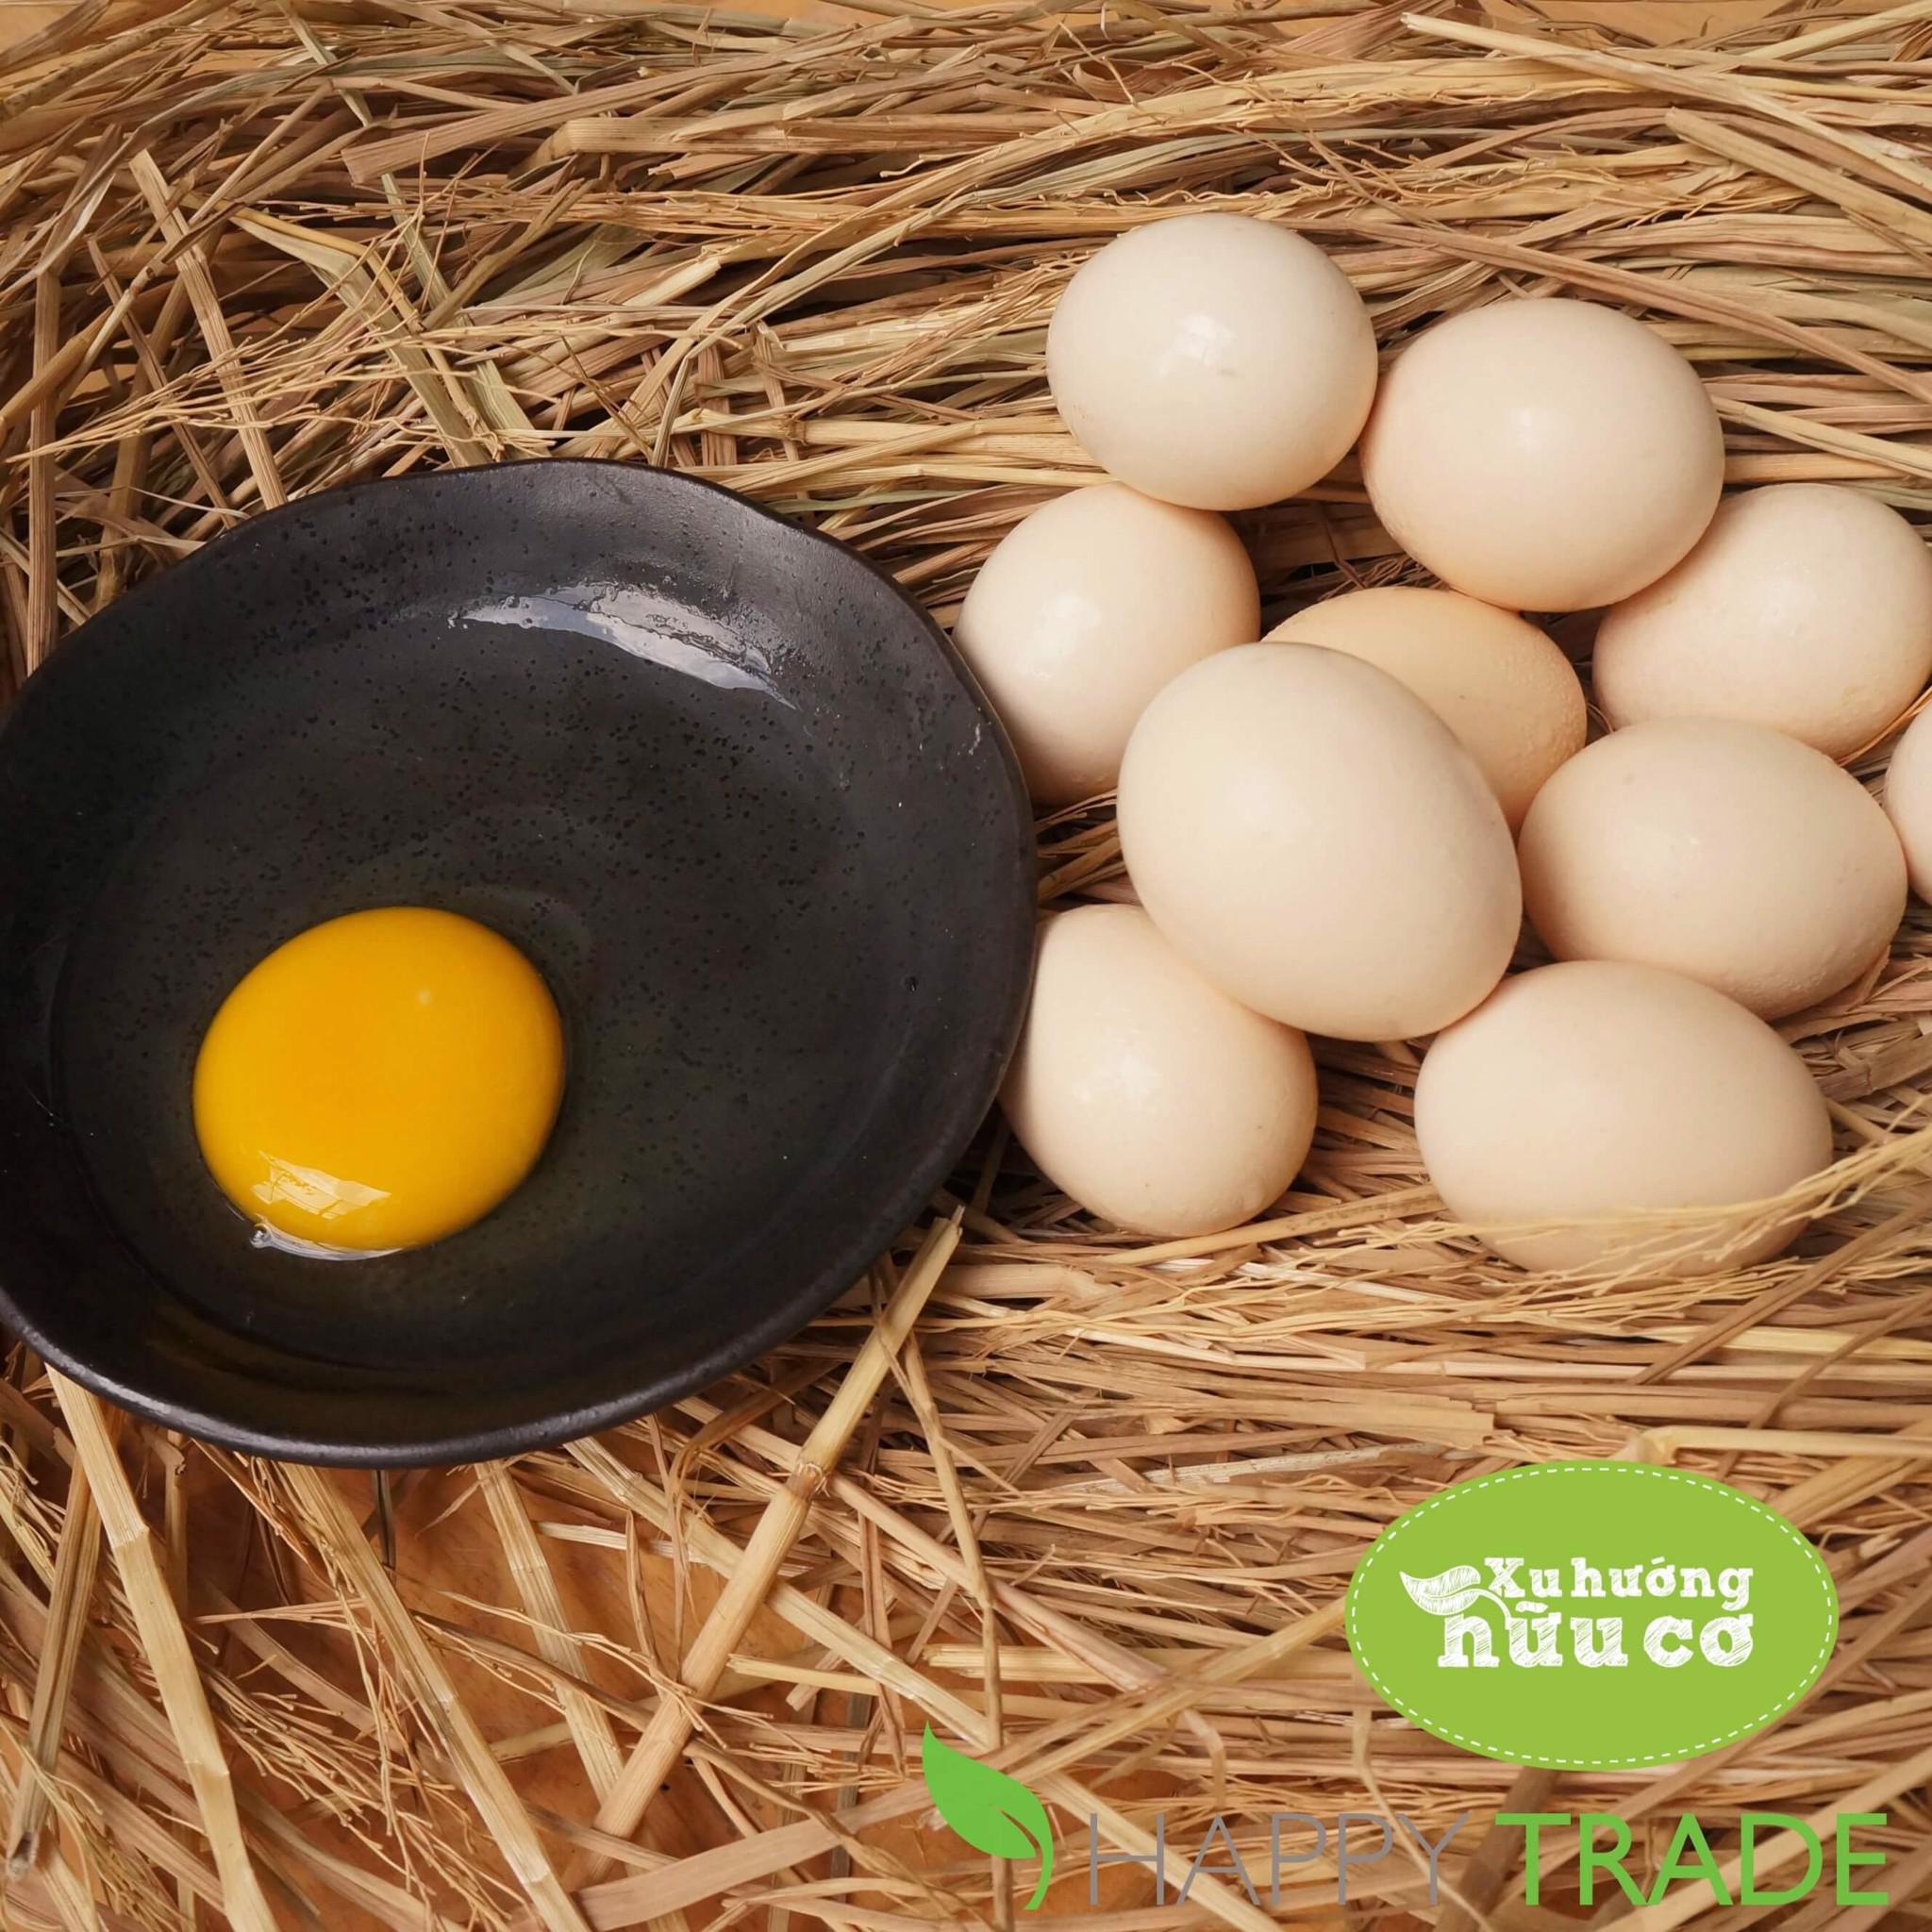 Trứng Gà ác Tươi Sạch Giỏ 10 Quả Trứng Happy Trade